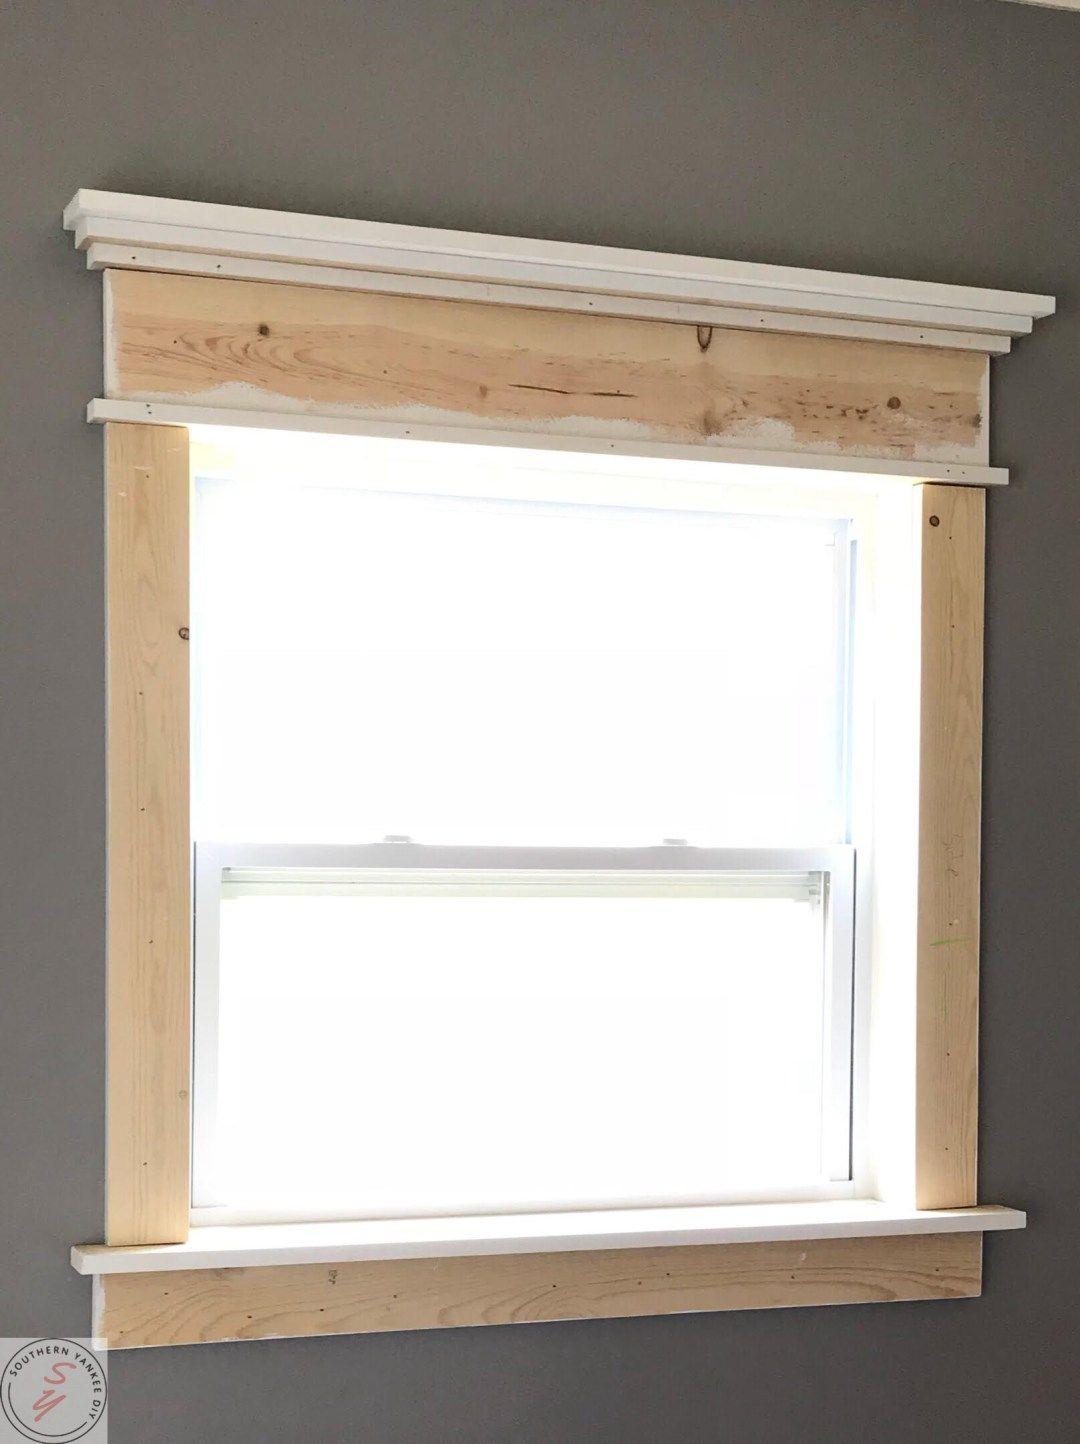 Fancy Window Trim the Lazy Girl Way Interior window trim